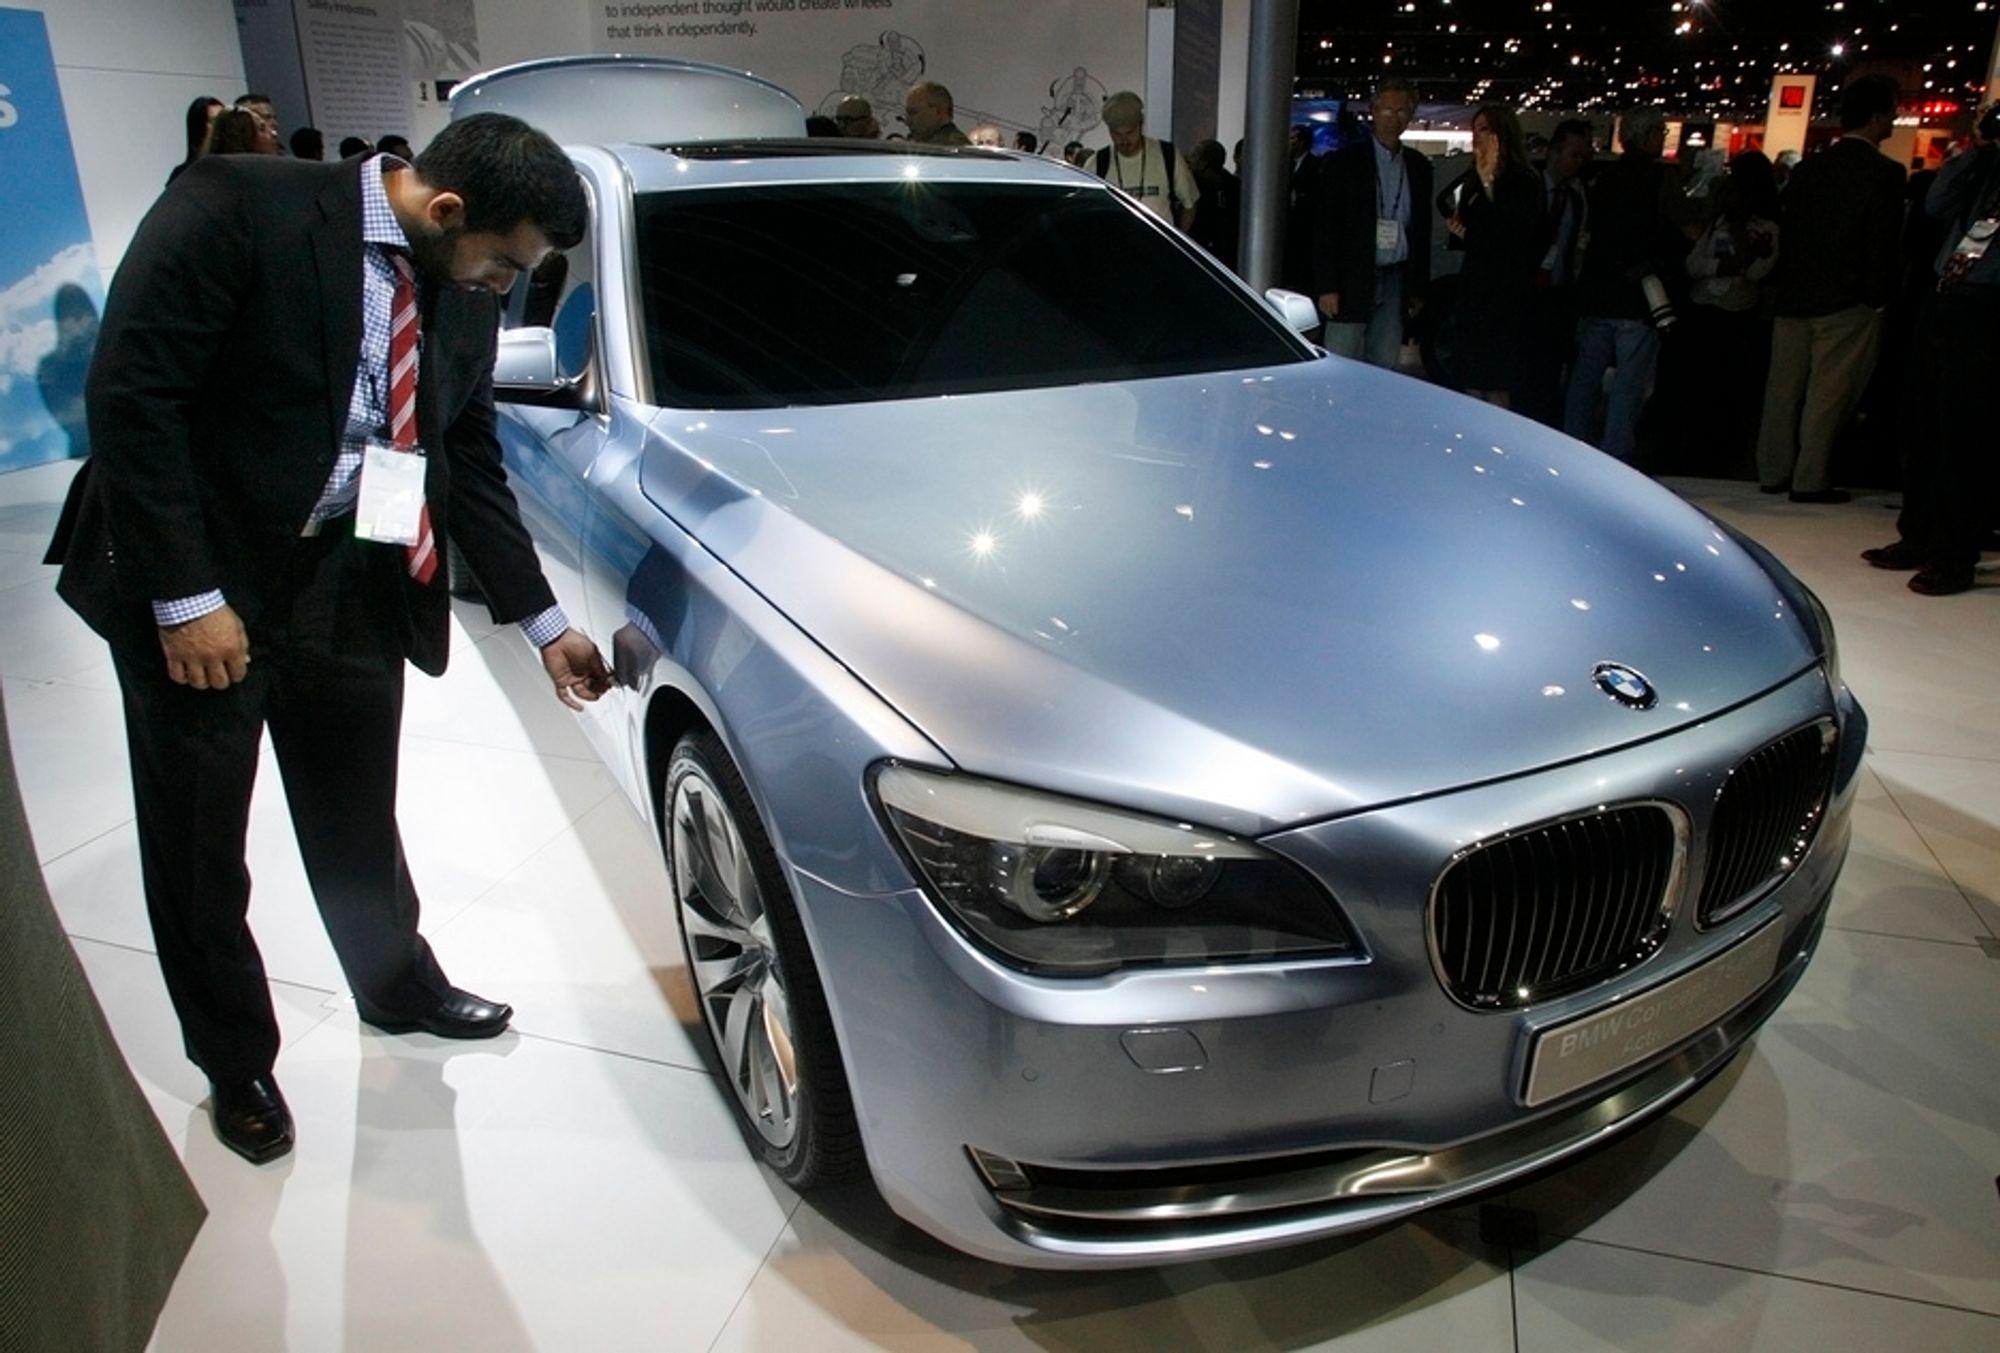 LUKSUSBILER: Casting Technologies i Farsund lager deler til både BMW og Ferrari, og gikk konkurs i januar. Nå gjenoppstår bedriften som Farsund Aluminium Casting AS.